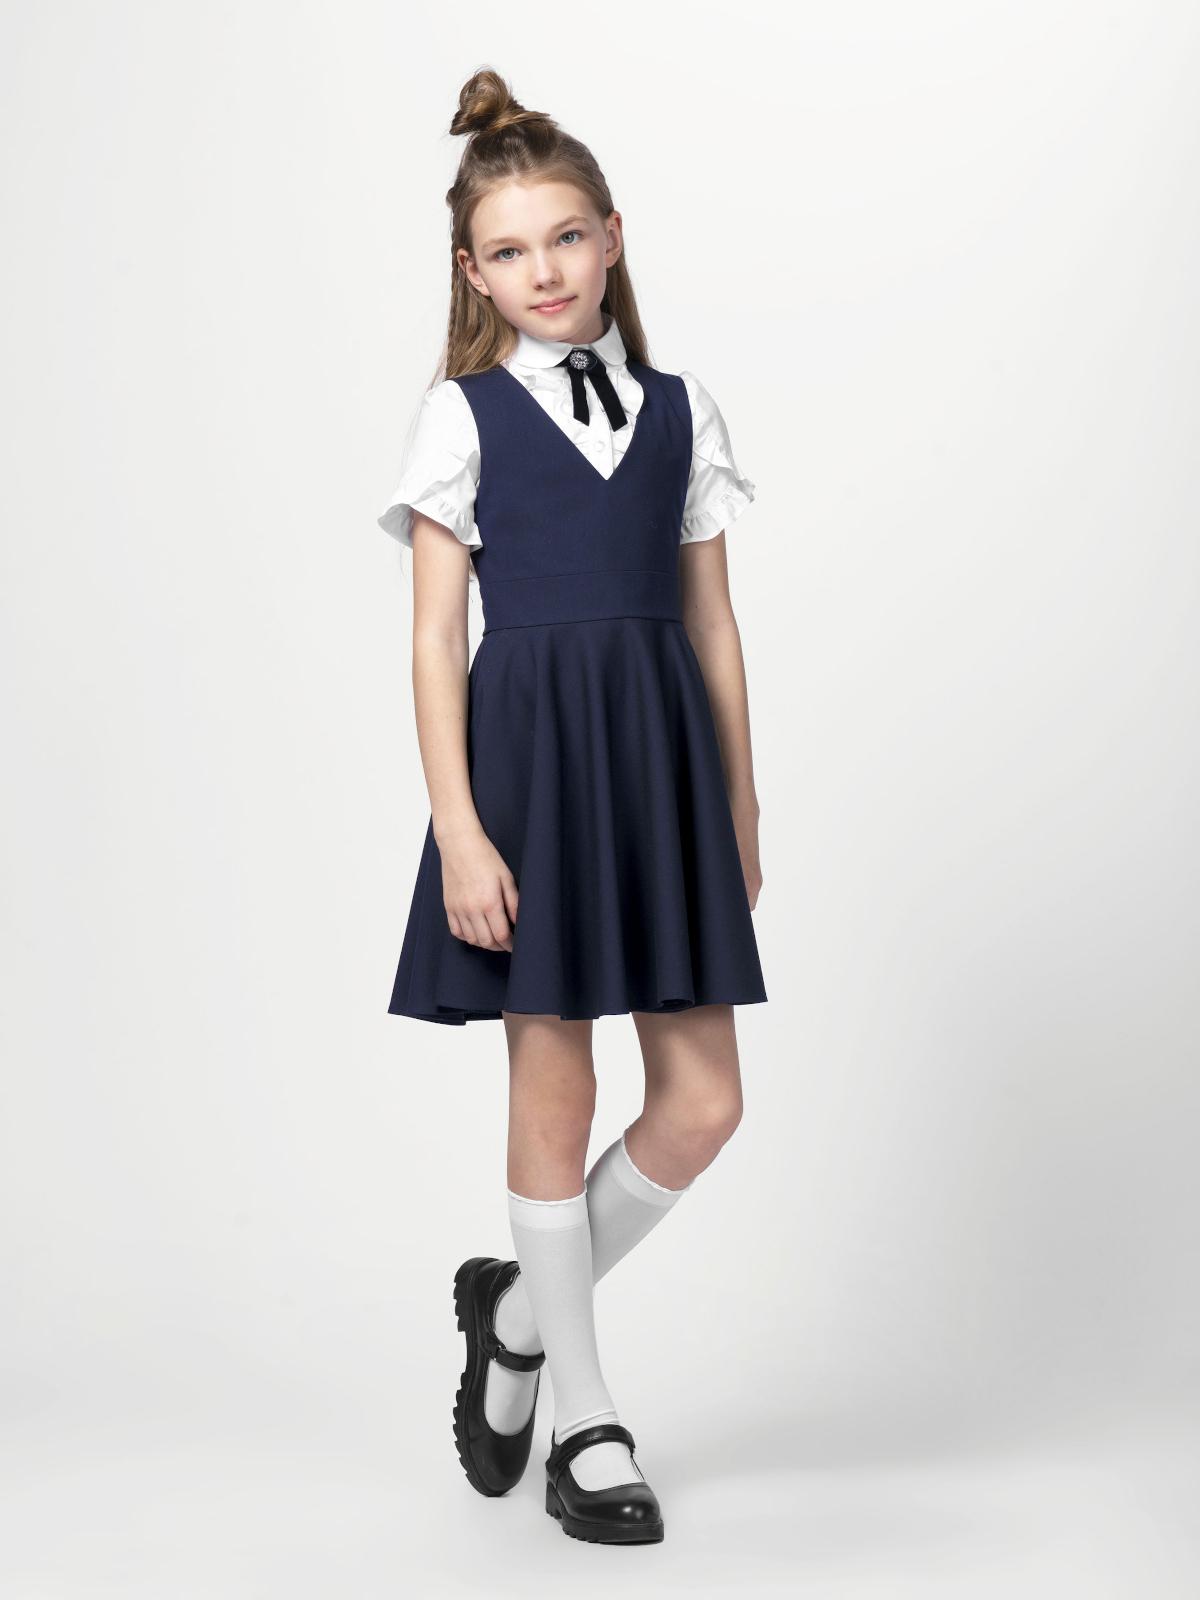 Купить 10652_plus size, Сарафан для девочек СМЕНА цв.темно-синий 10652 р.146/76, Смена, Сарафаны для девочек